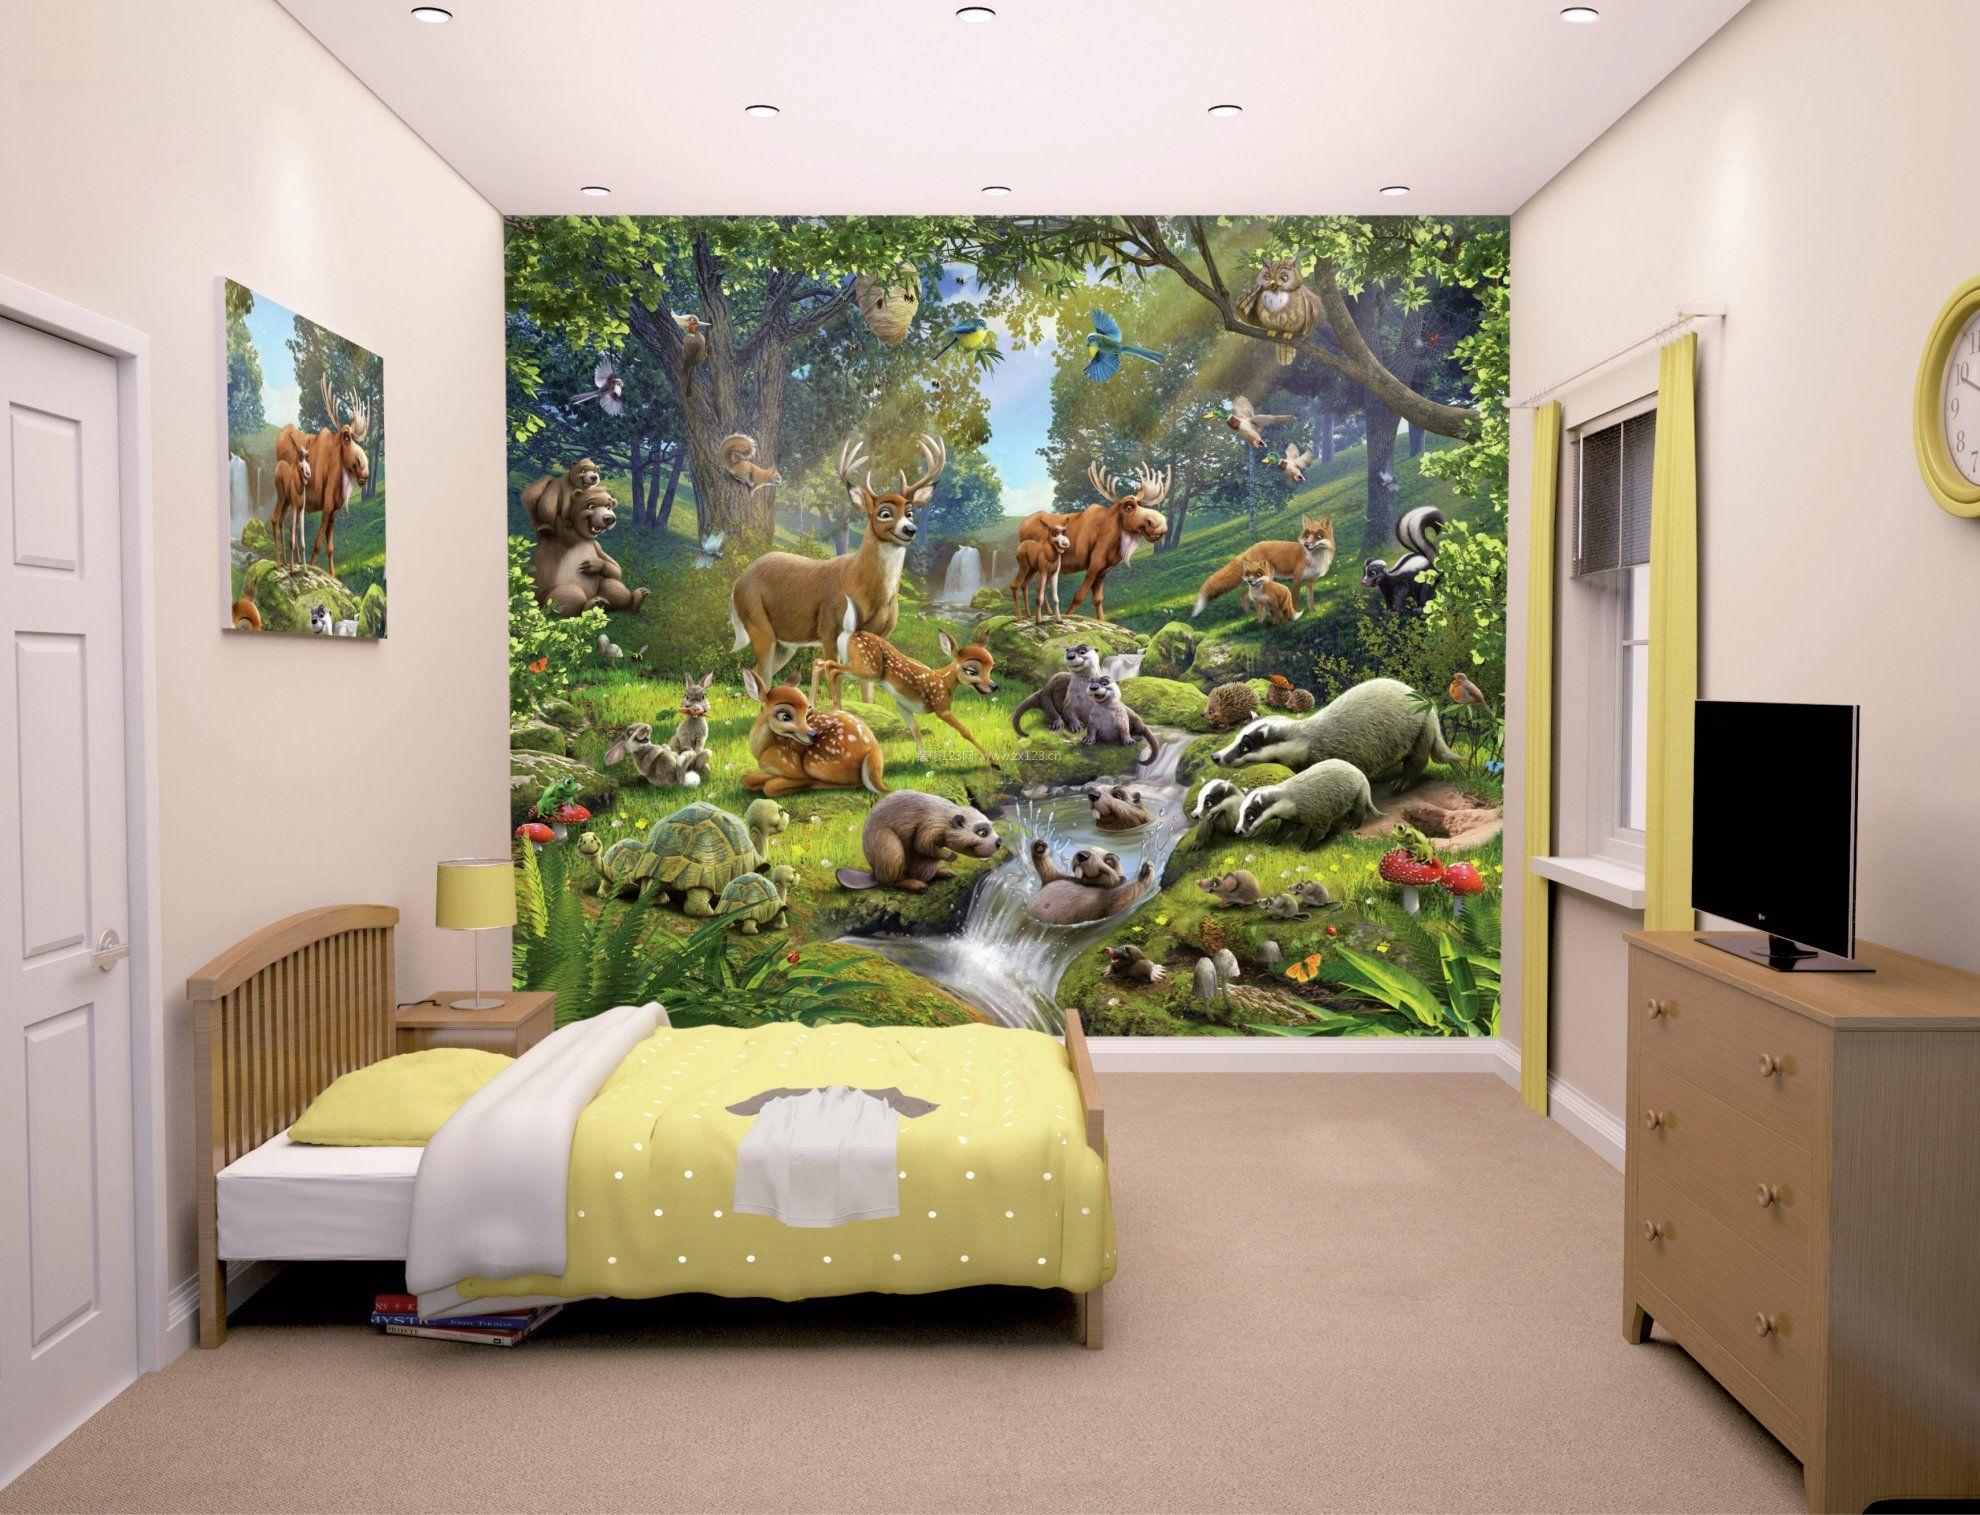 美式风格卧室墙纸背景墙_装修123效果图图片